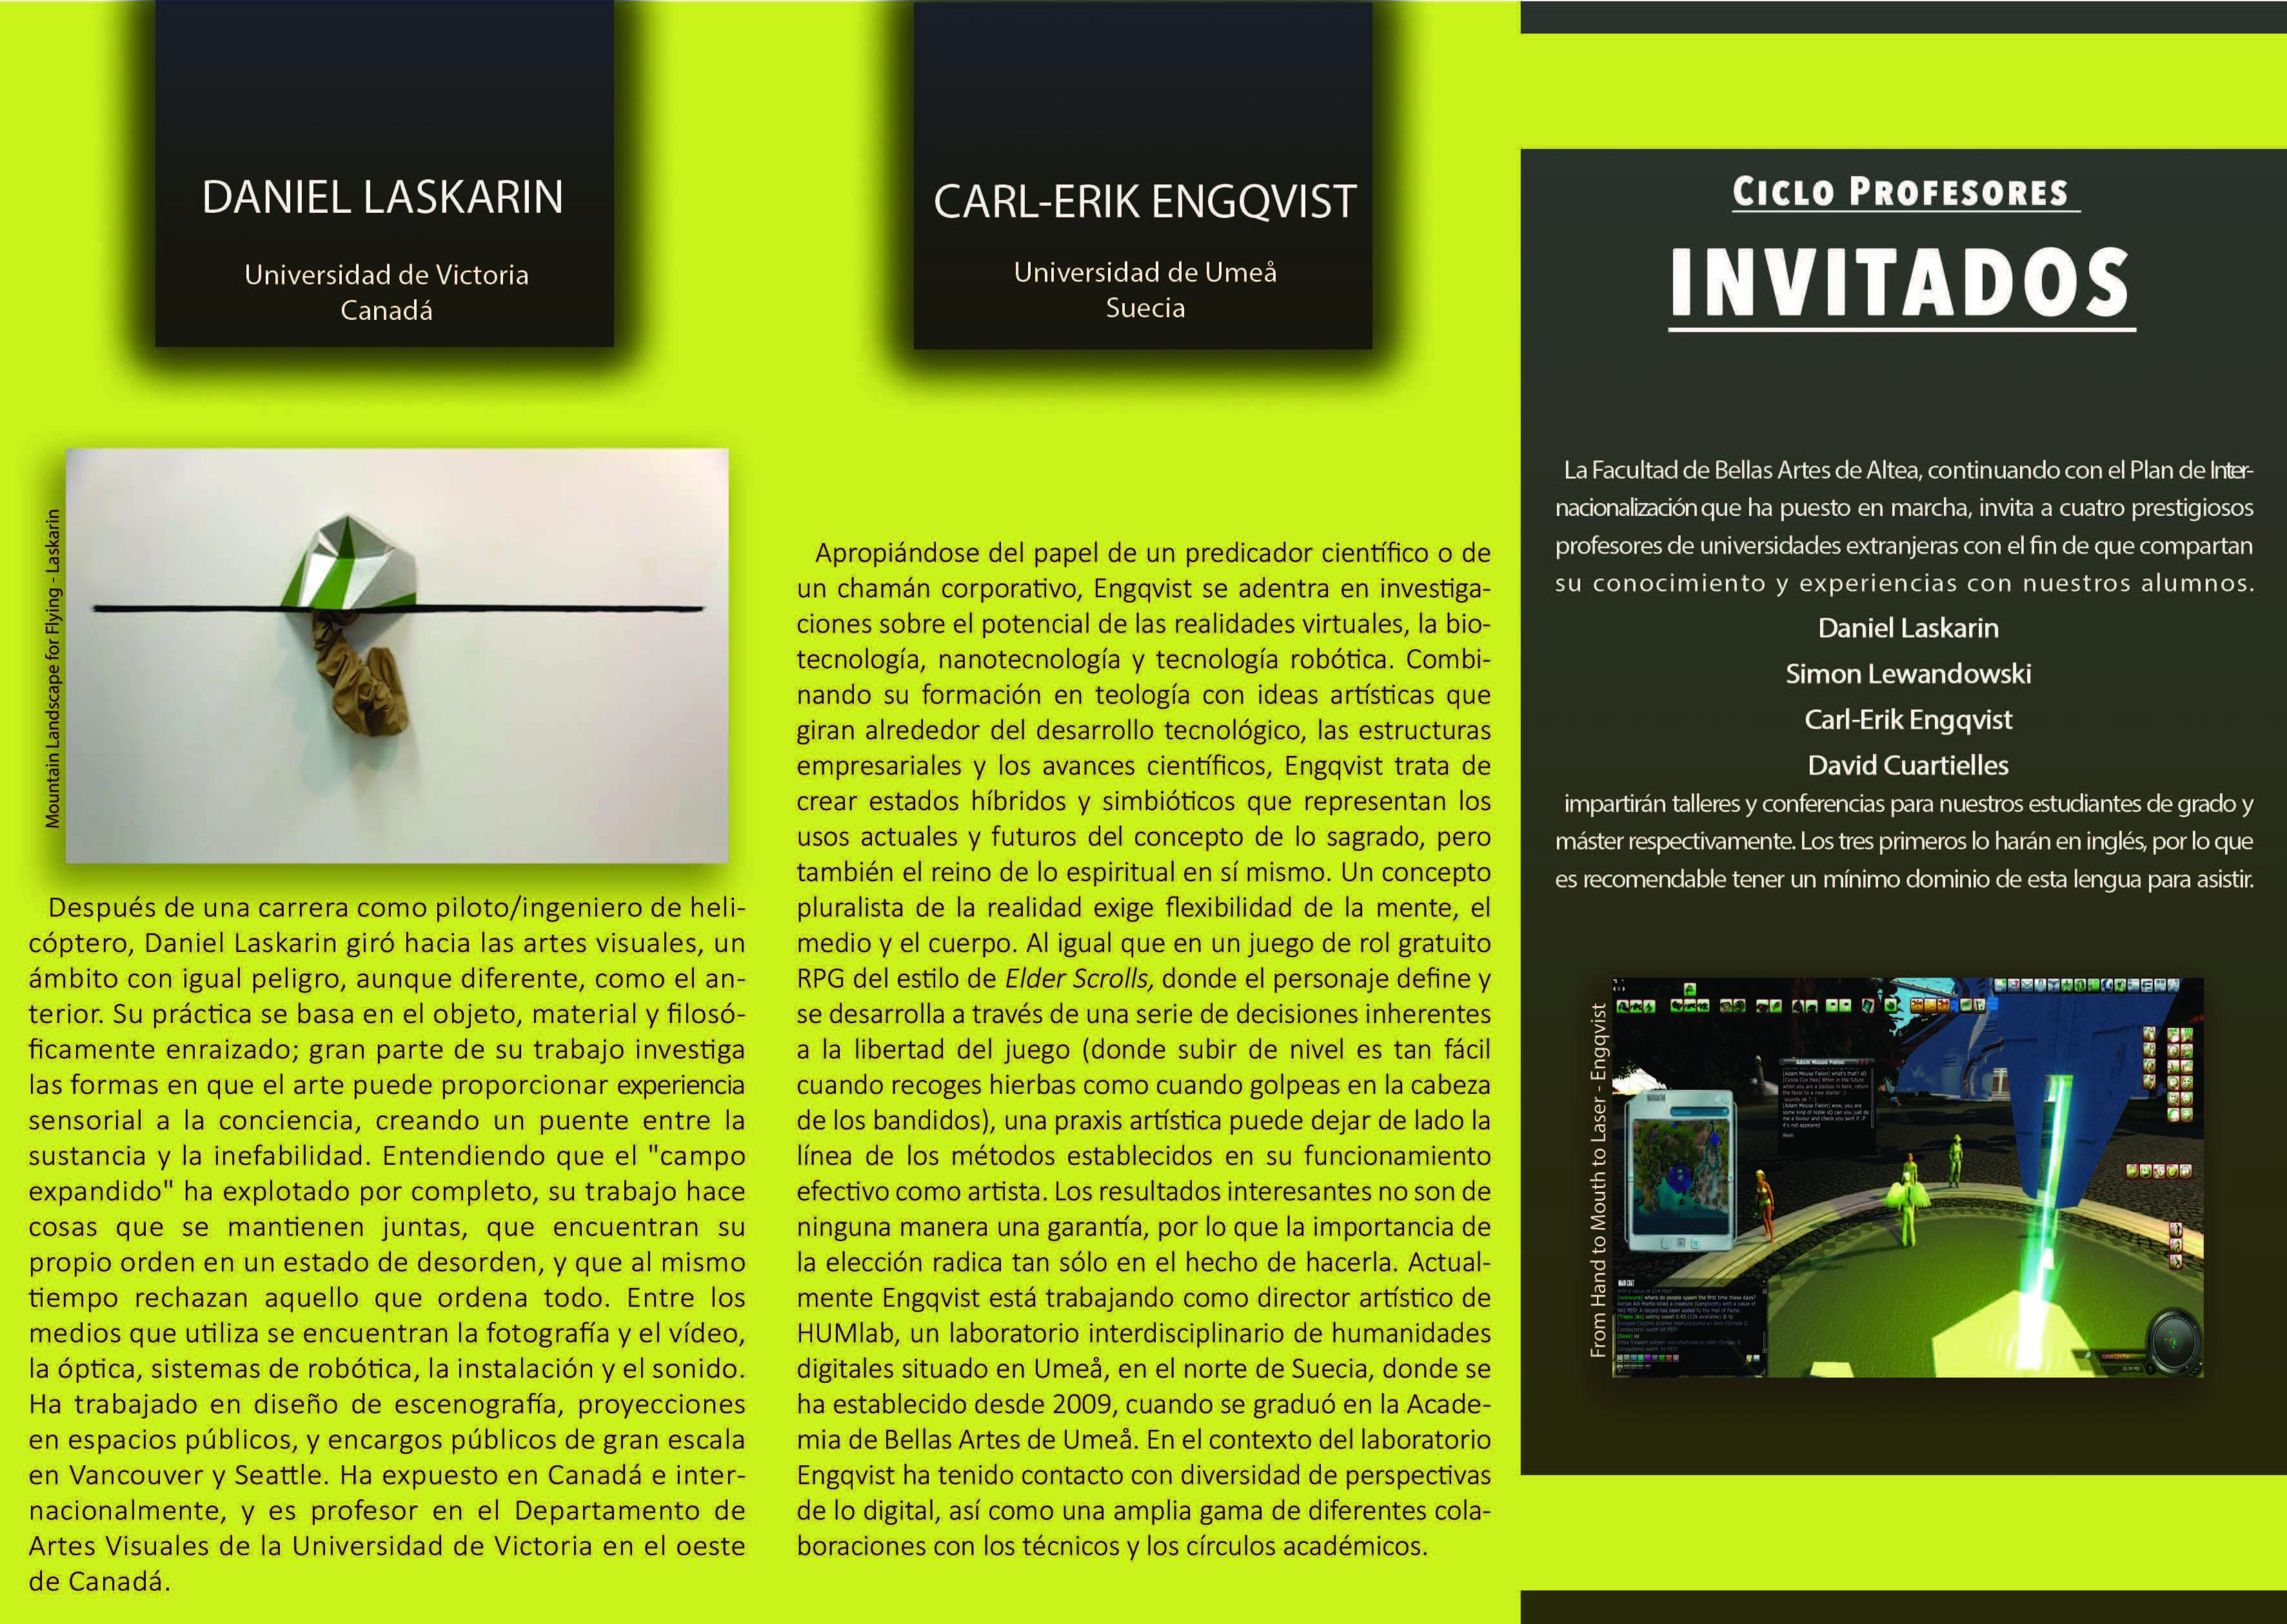 talleres-prof-invitados-01